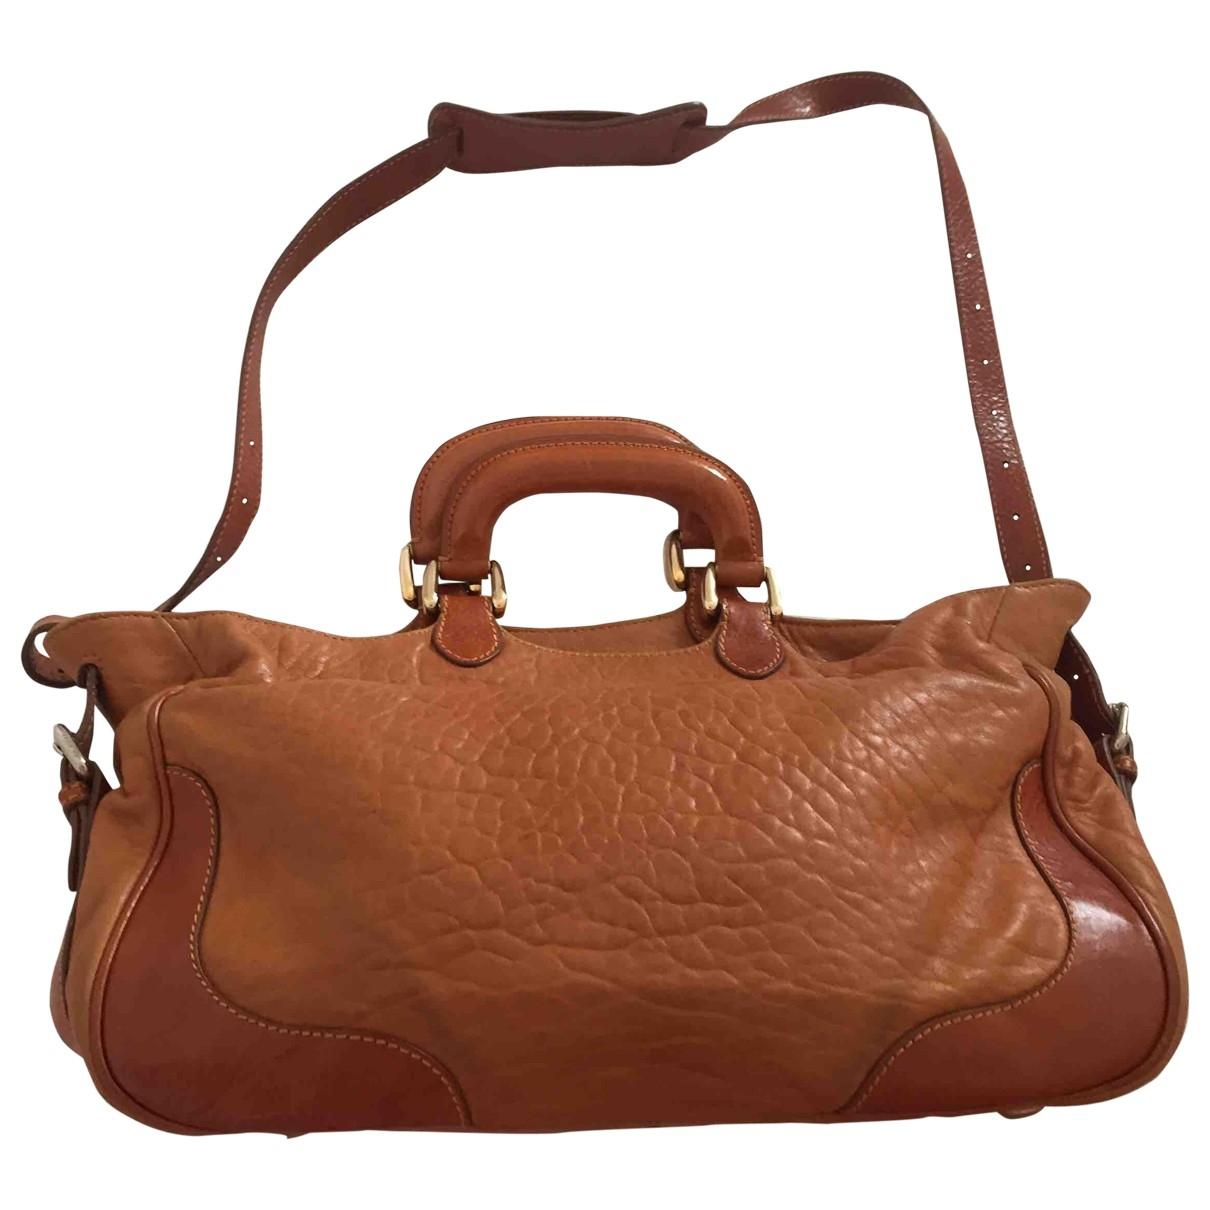 Fendi \N Handtasche in  Camel Leder